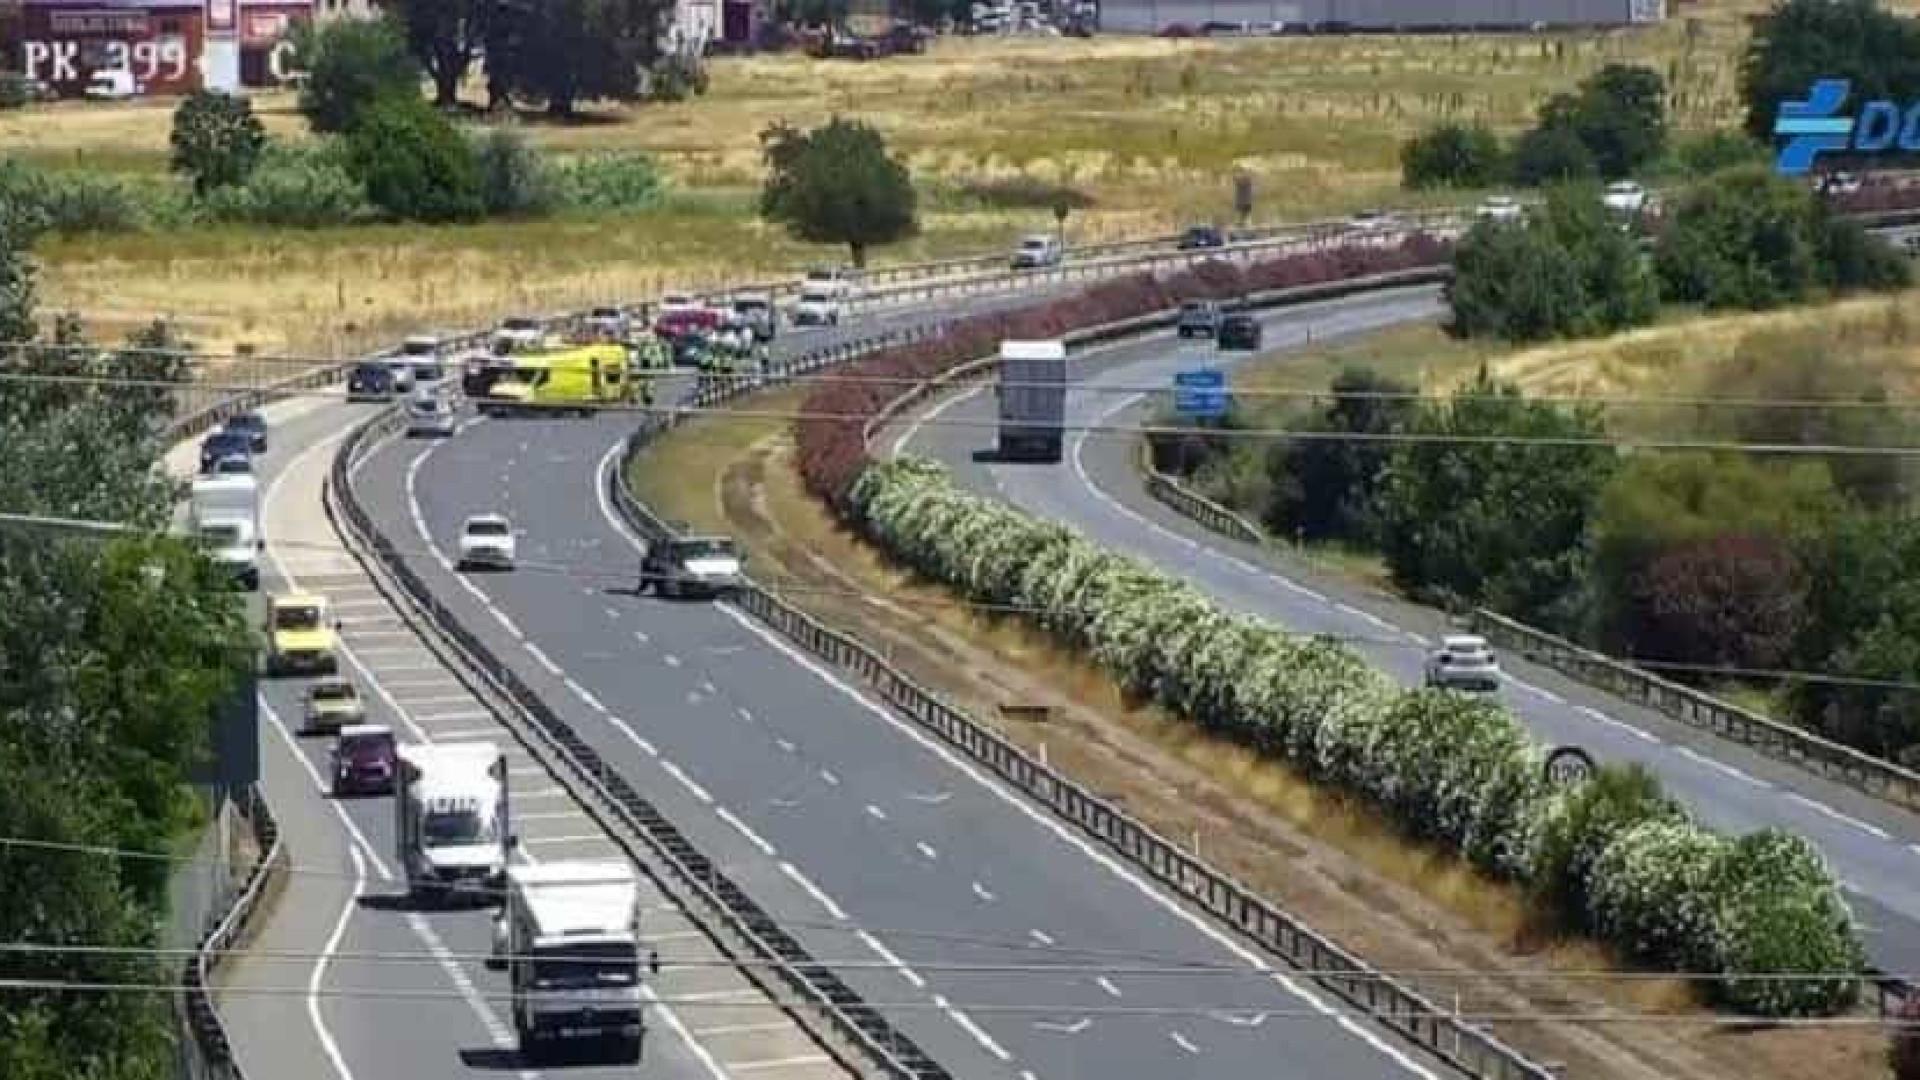 Quatro mulheres morrem em colisão entre veículo e caminhão em Córdoba